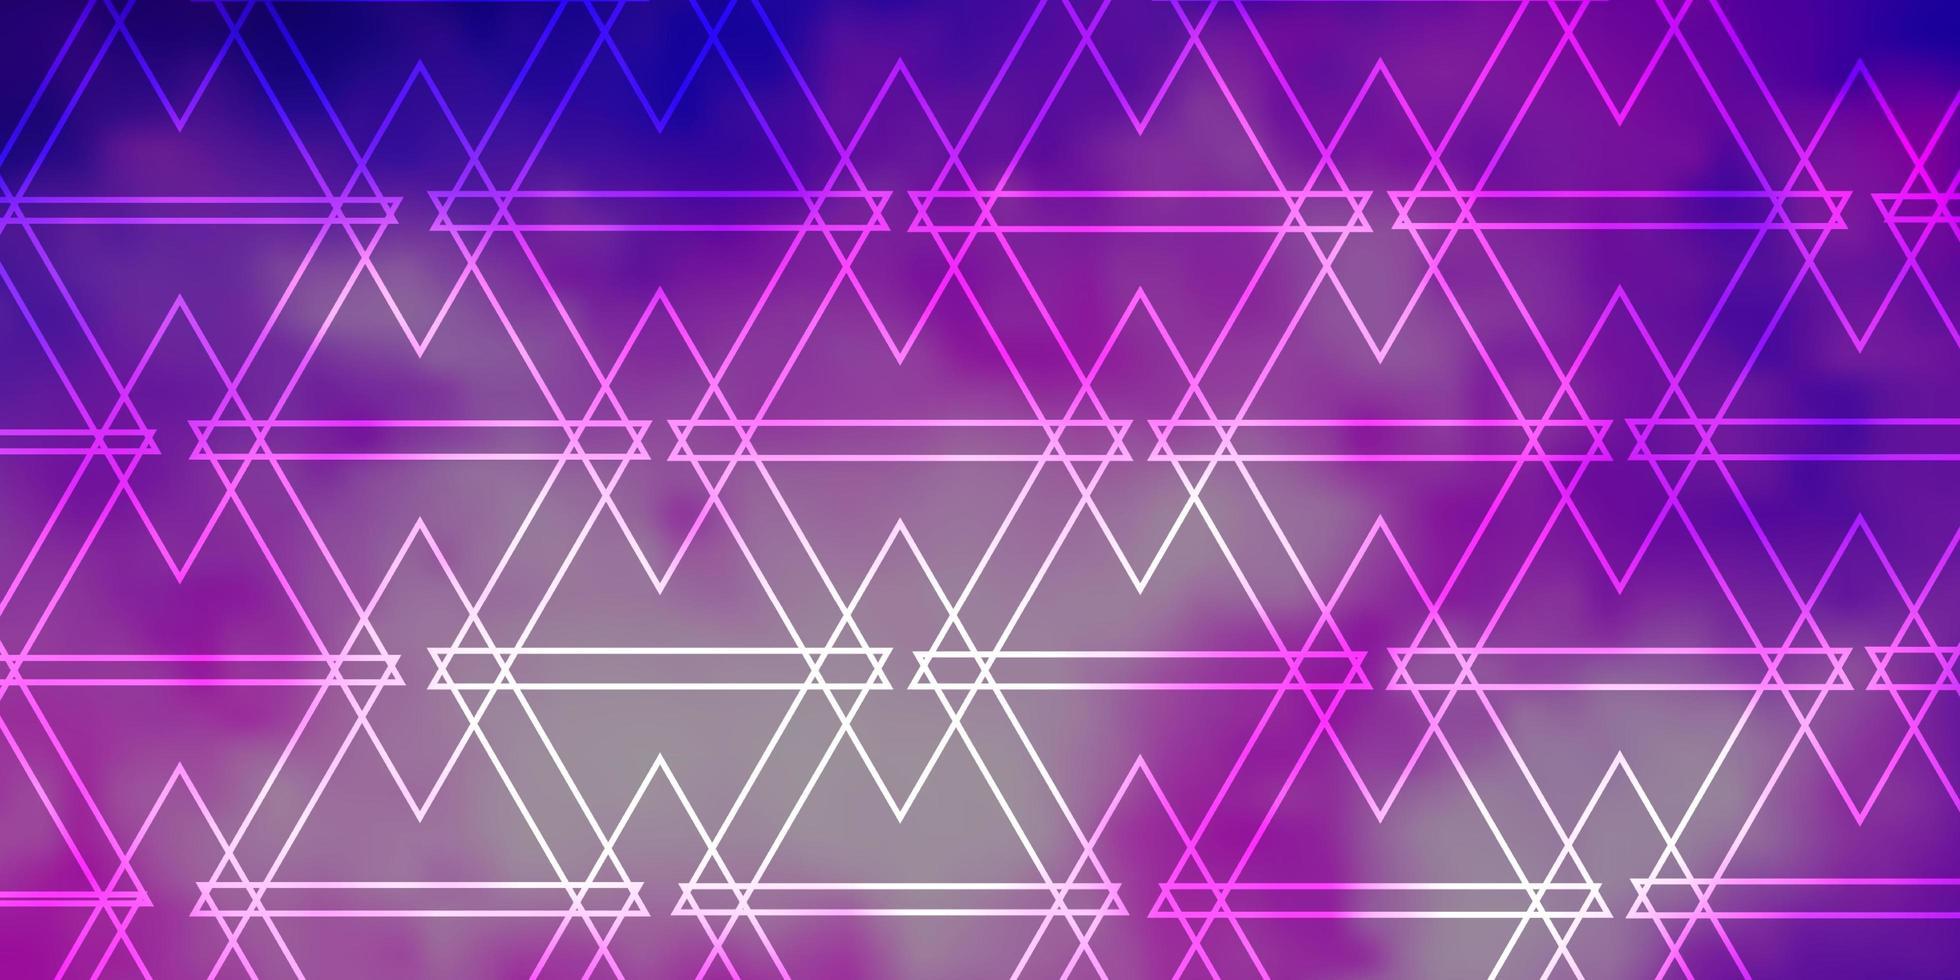 struttura di vettore viola chiaro, rosa con linee, triangoli.